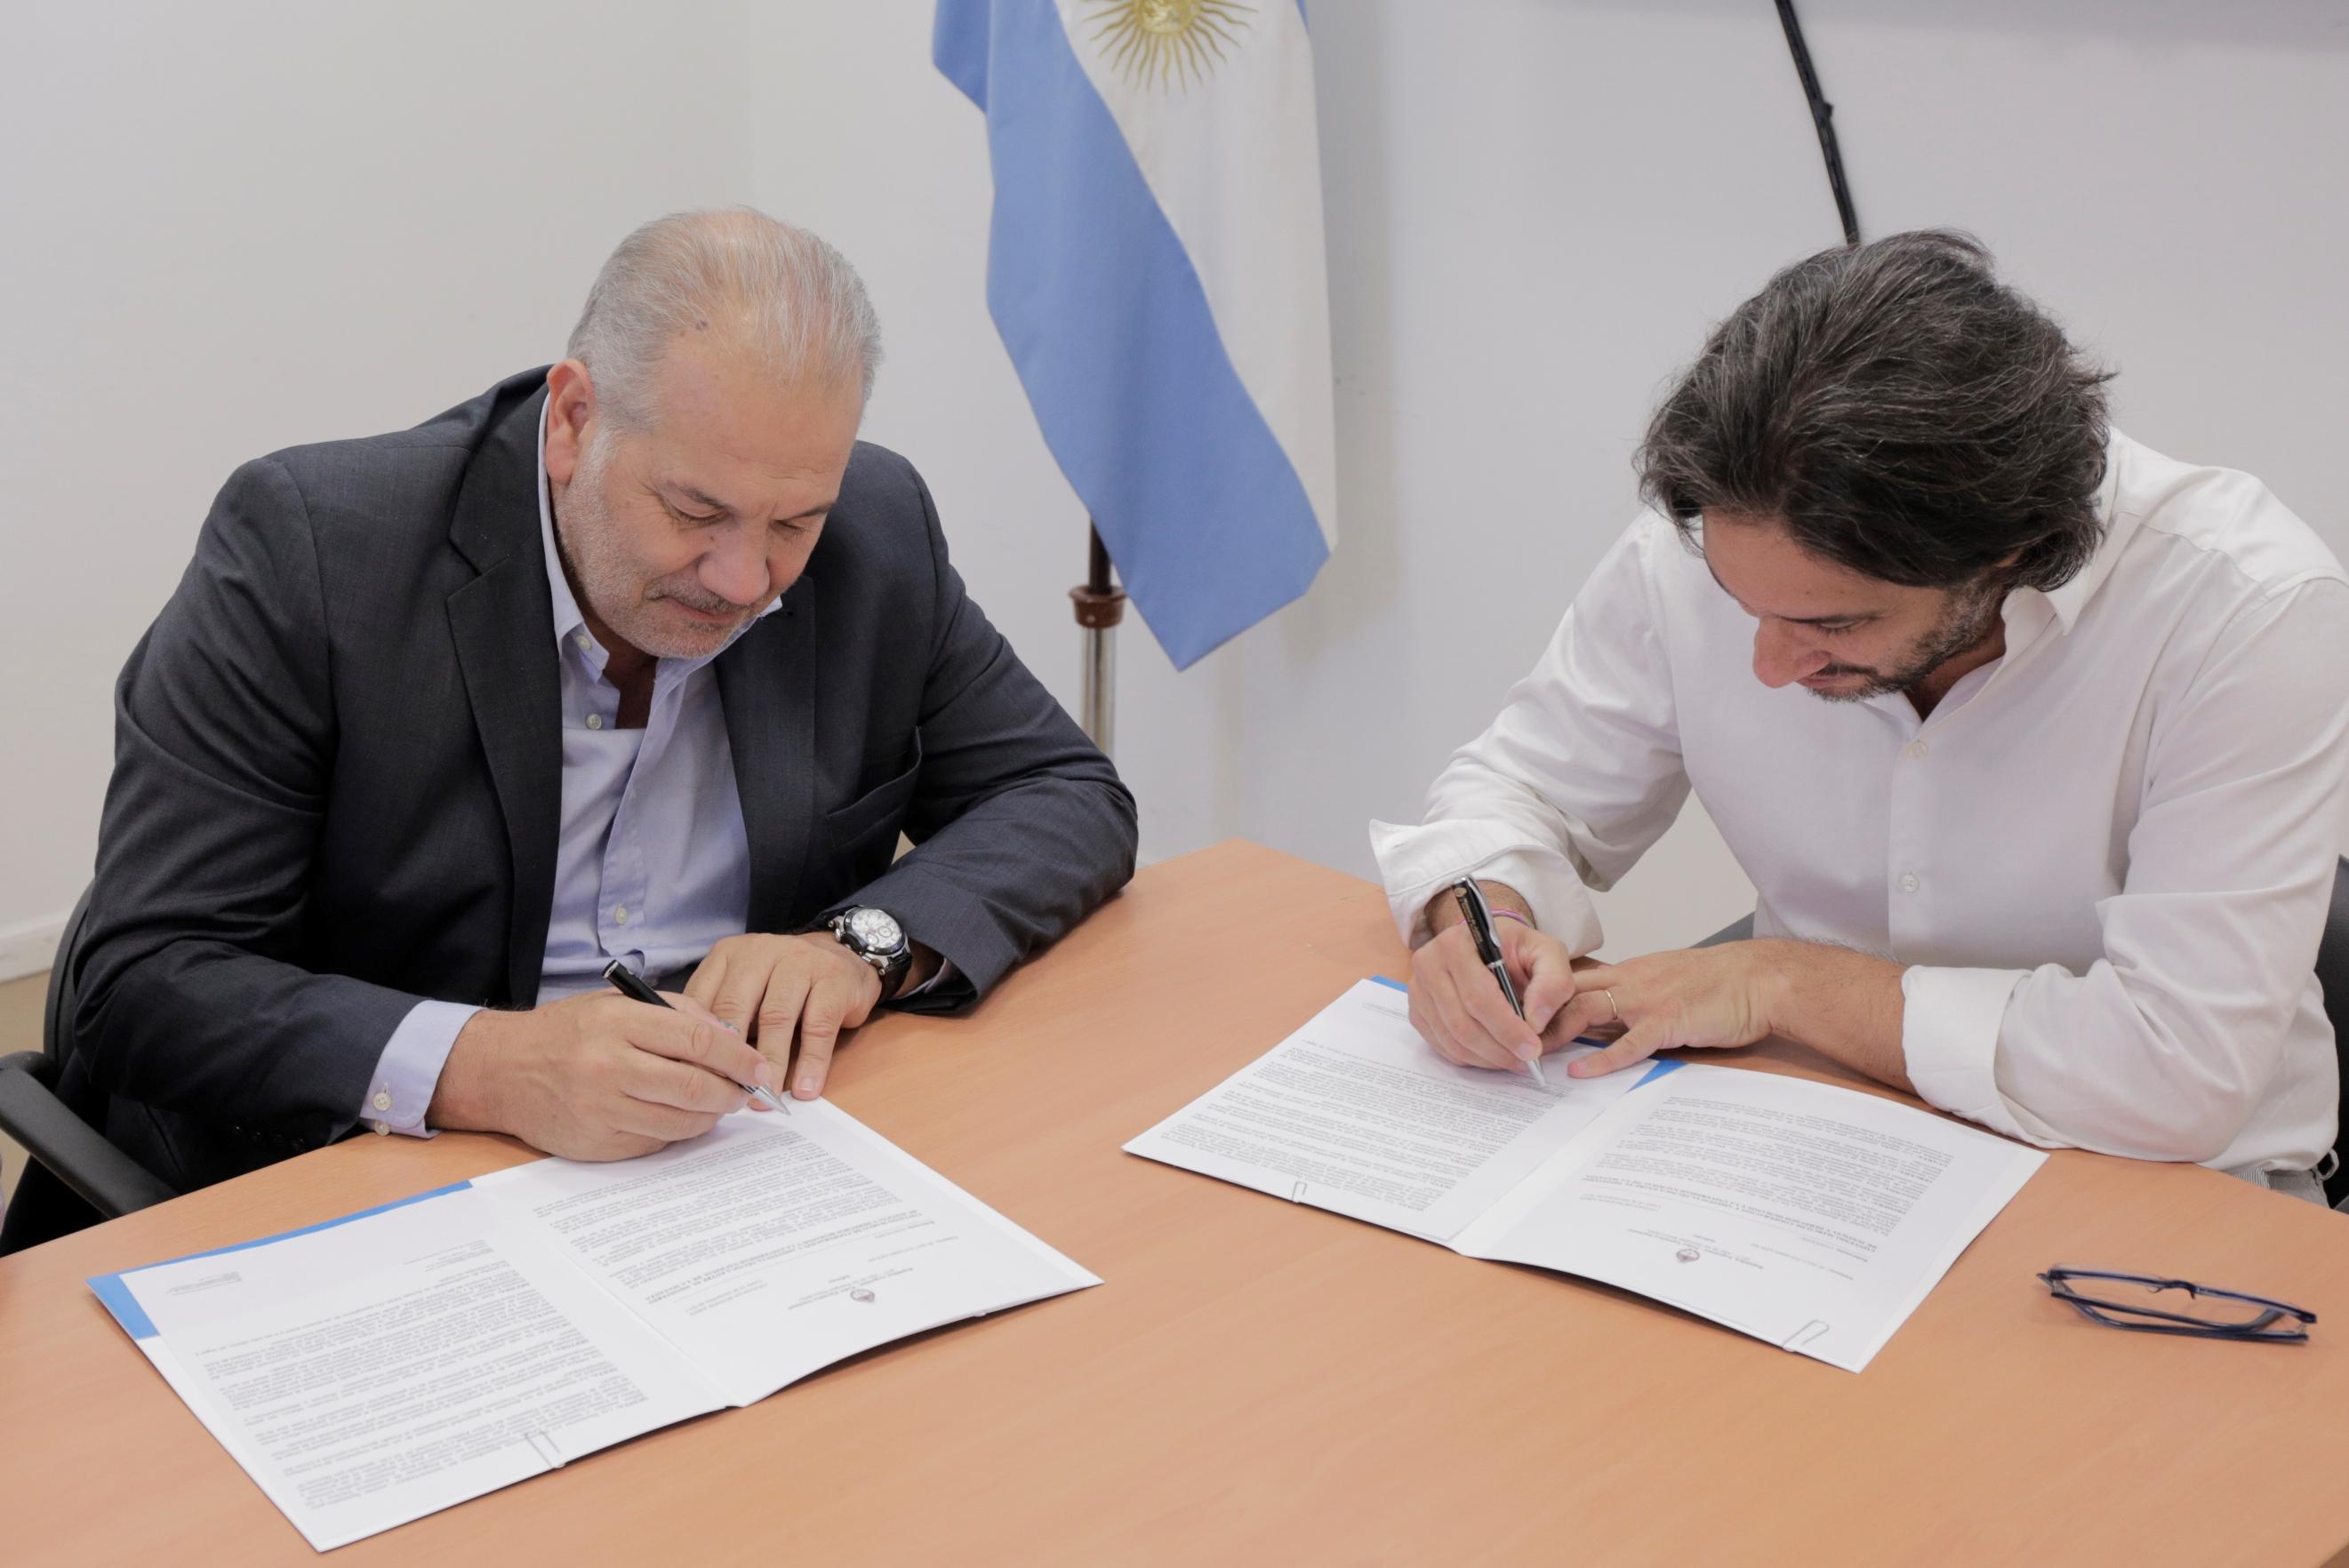 Convenio de cooperación con la Universidad de La Matanza